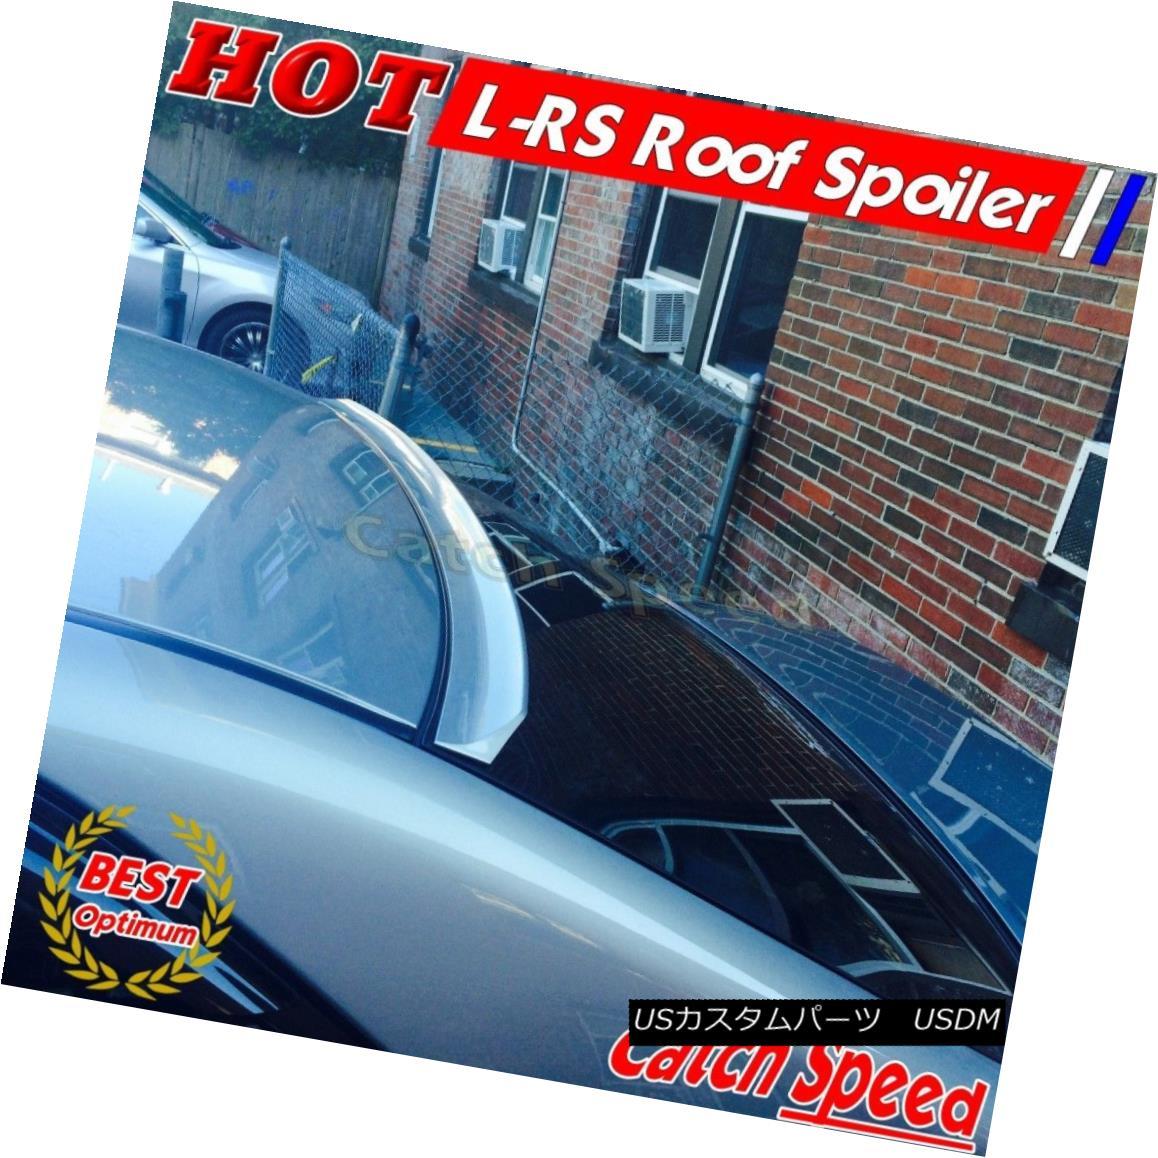 エアロパーツ Flat Black LRS Type Rear Roof Spoiler Wing For JAGUAR XFR Sedan 2010-2012 ? JAGUAR XFR Sedan 2010-2012のフラットブラックLRSタイプリアルーフスポイラーウィング?